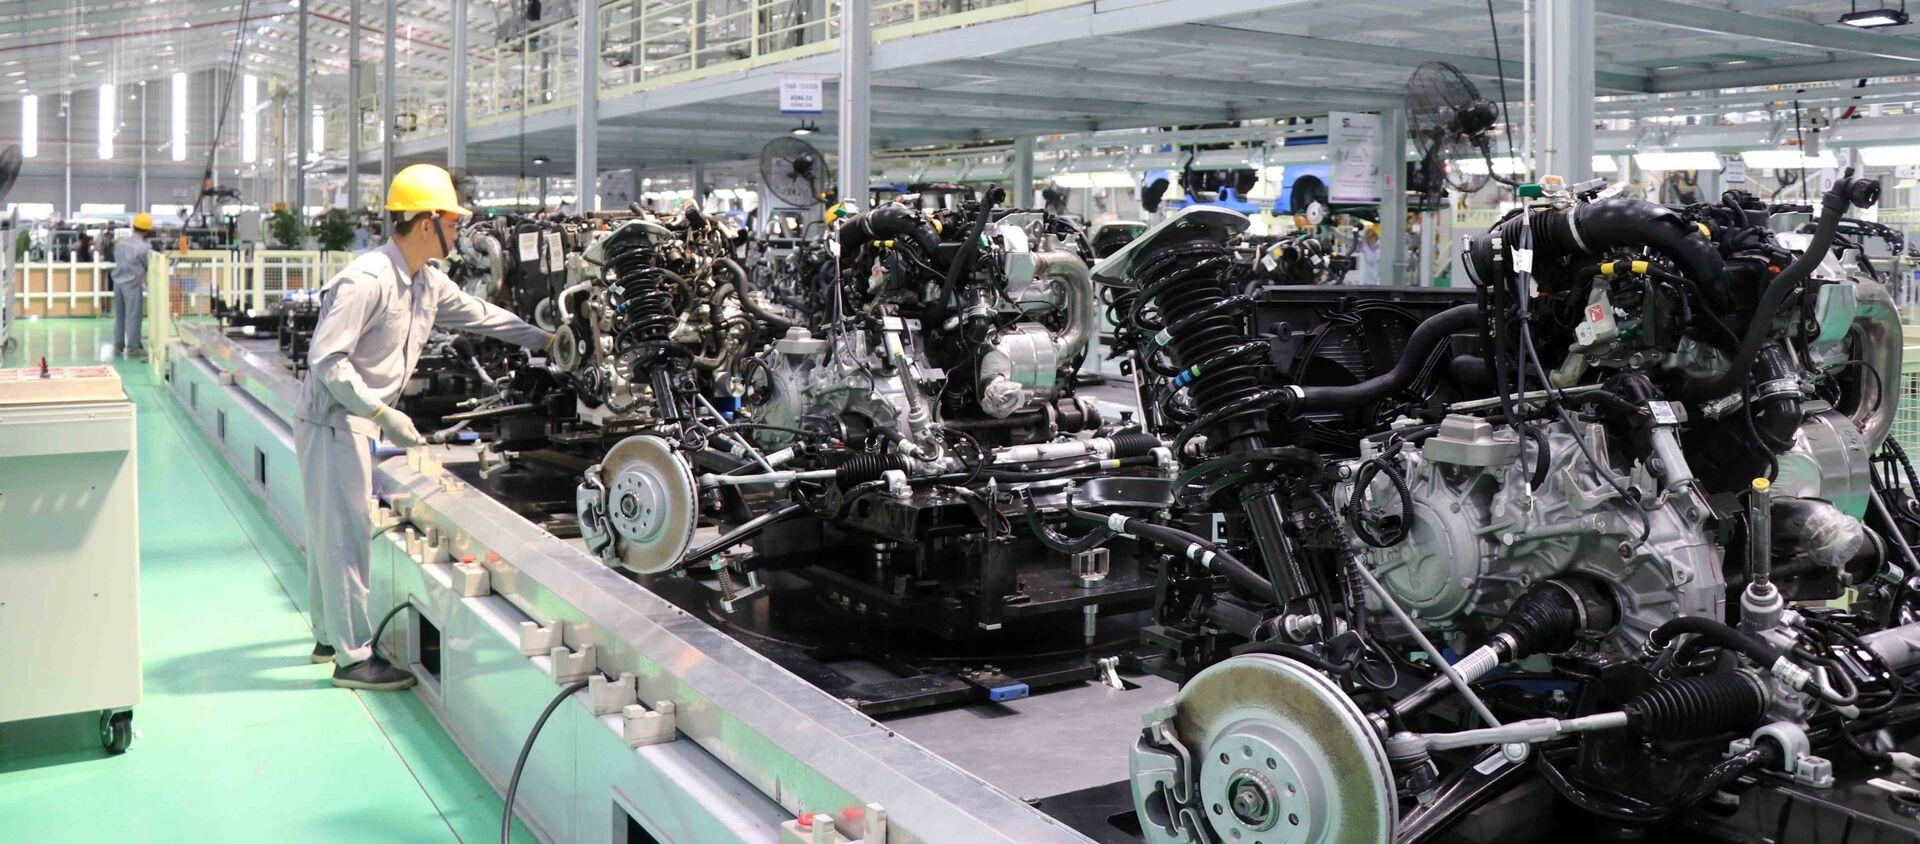 Nhà máy xe du lịch cao cấp của Thaco được đầu tư 4.500 tỷ đồng trên diện tích 7,5 ha với công suất 20.000 xe/năm. - Sputnik Việt Nam, 1920, 27.06.2019